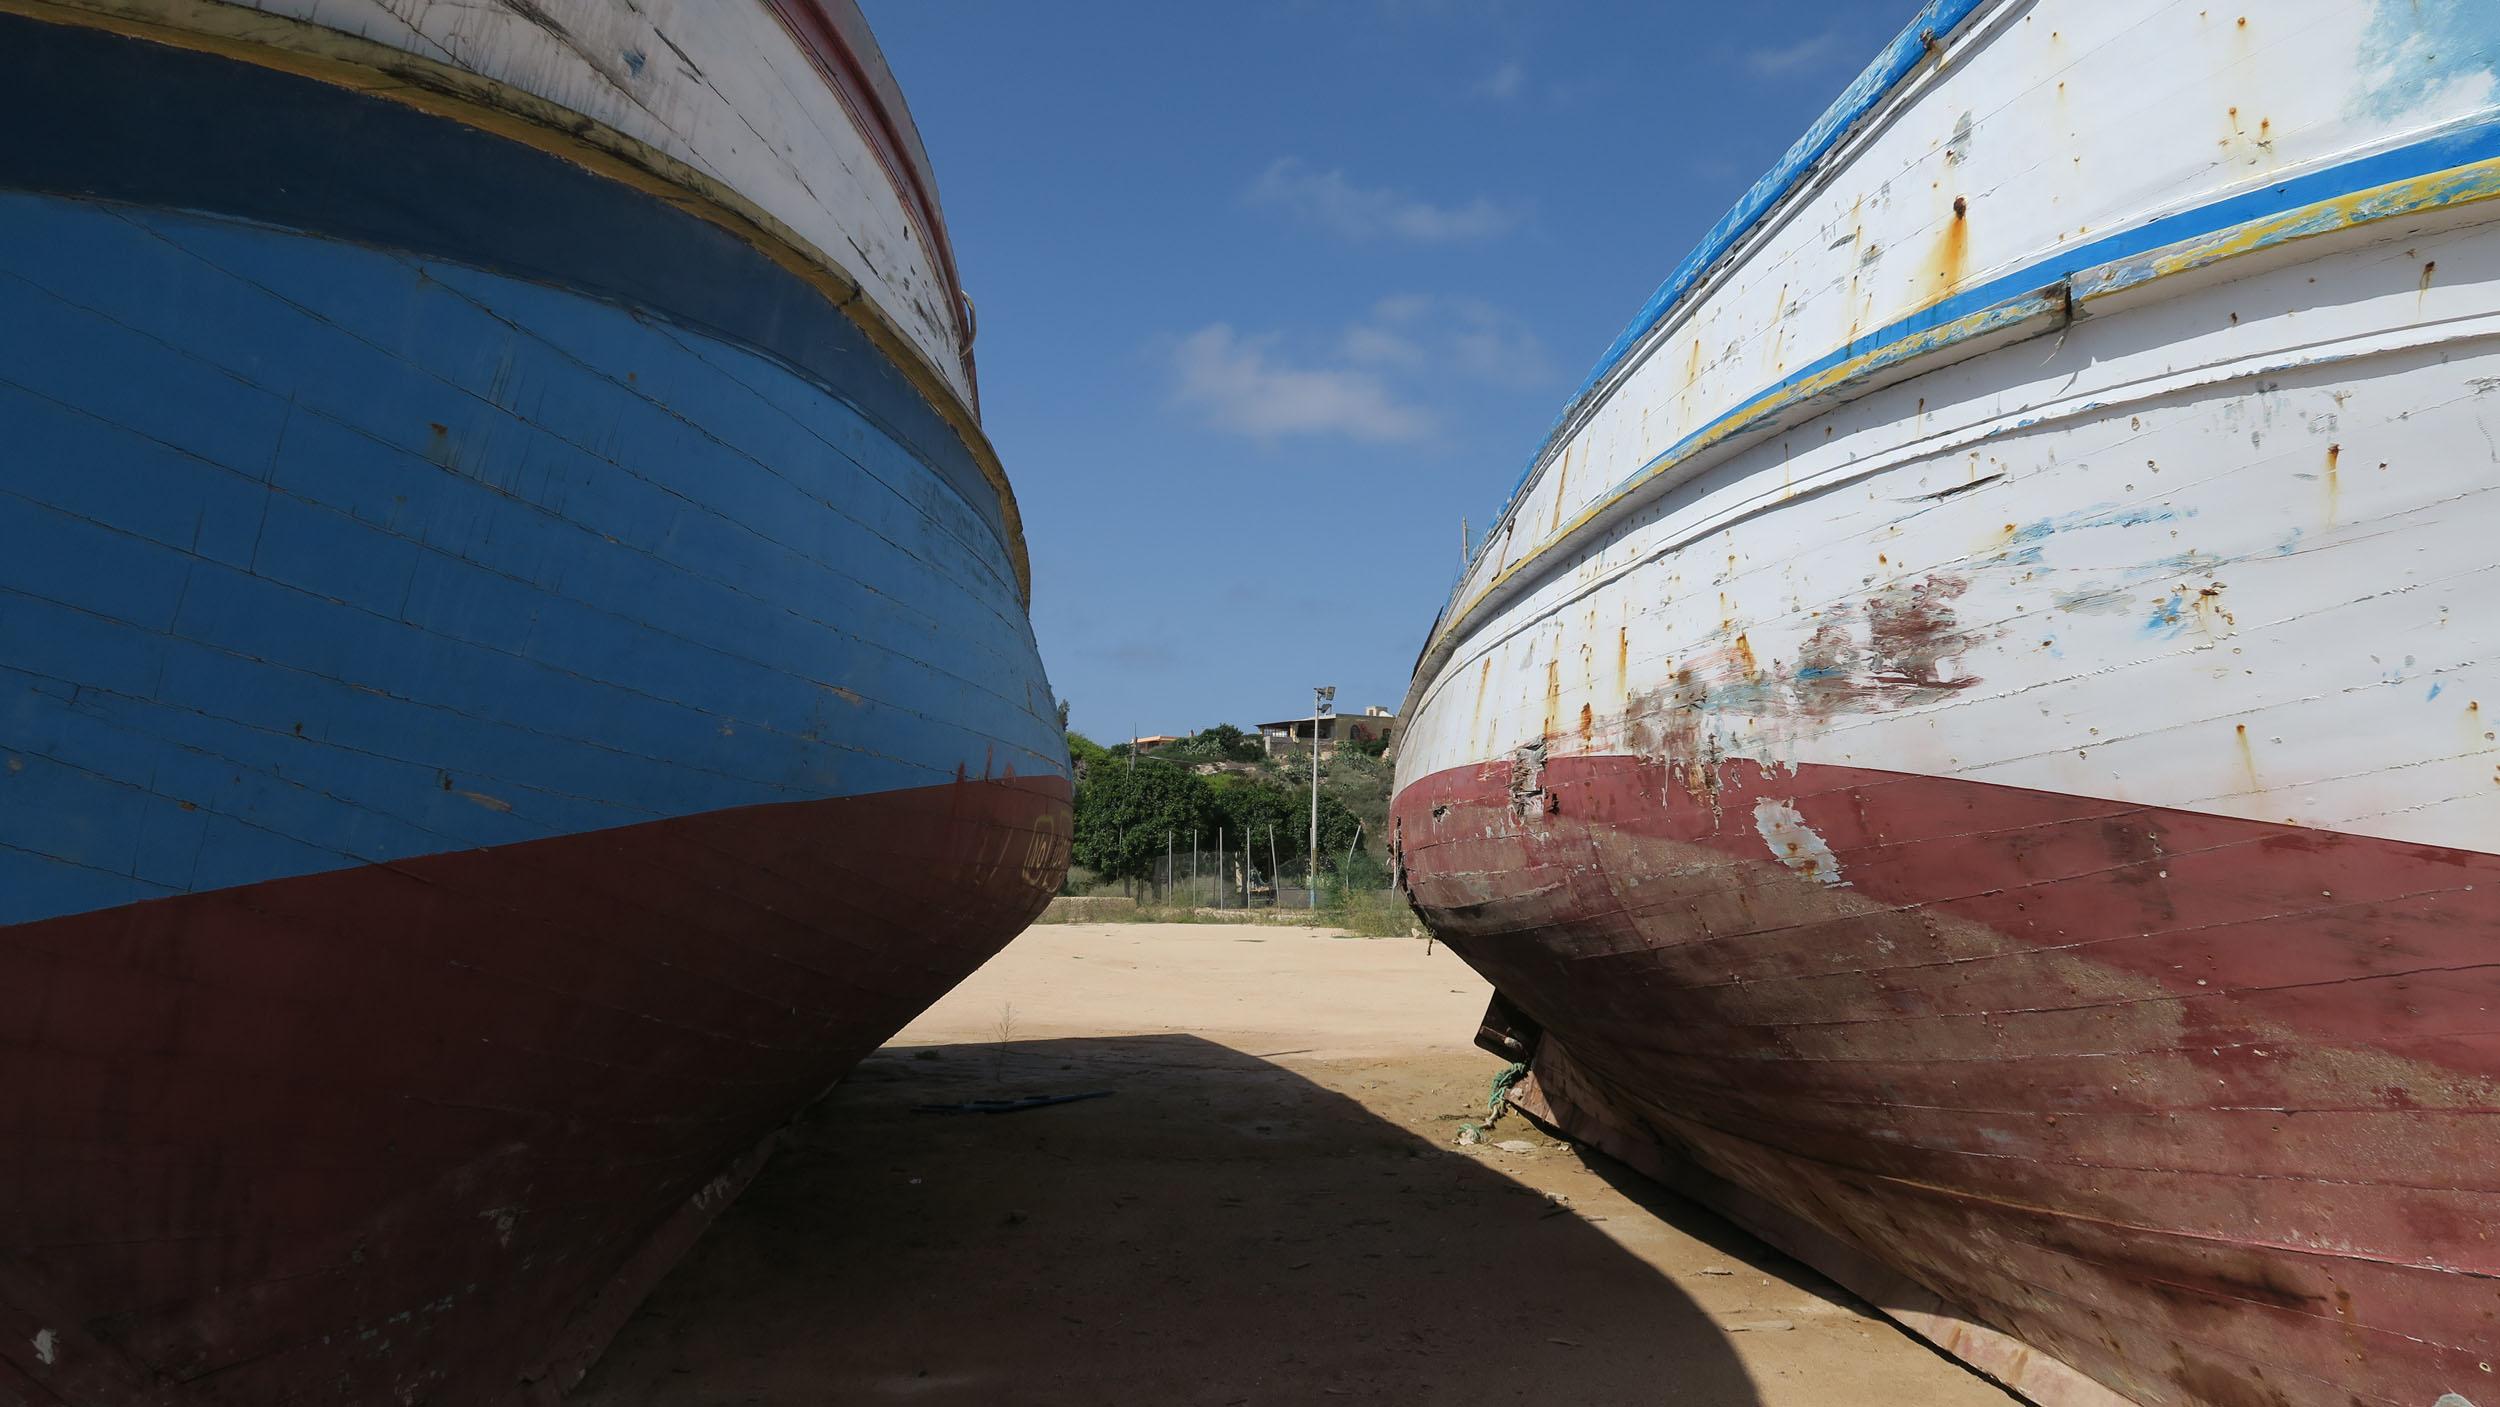 GGD_Lampedusa_IMG_2968.jpg